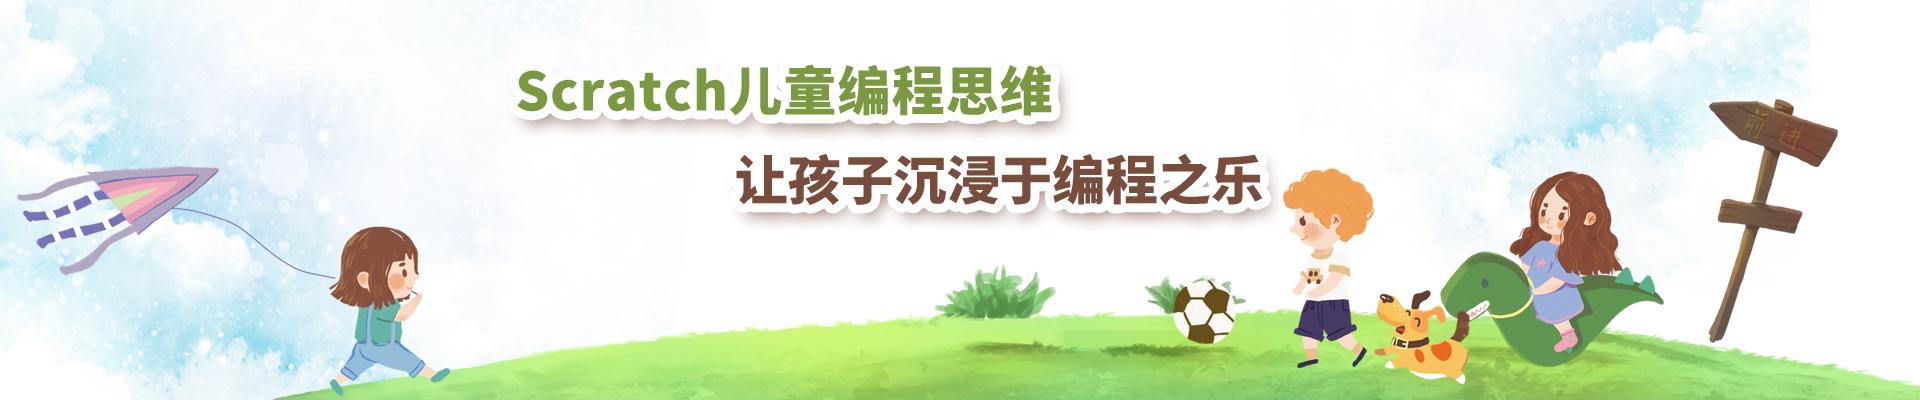 贵阳南国花锦小码王编程培训机构